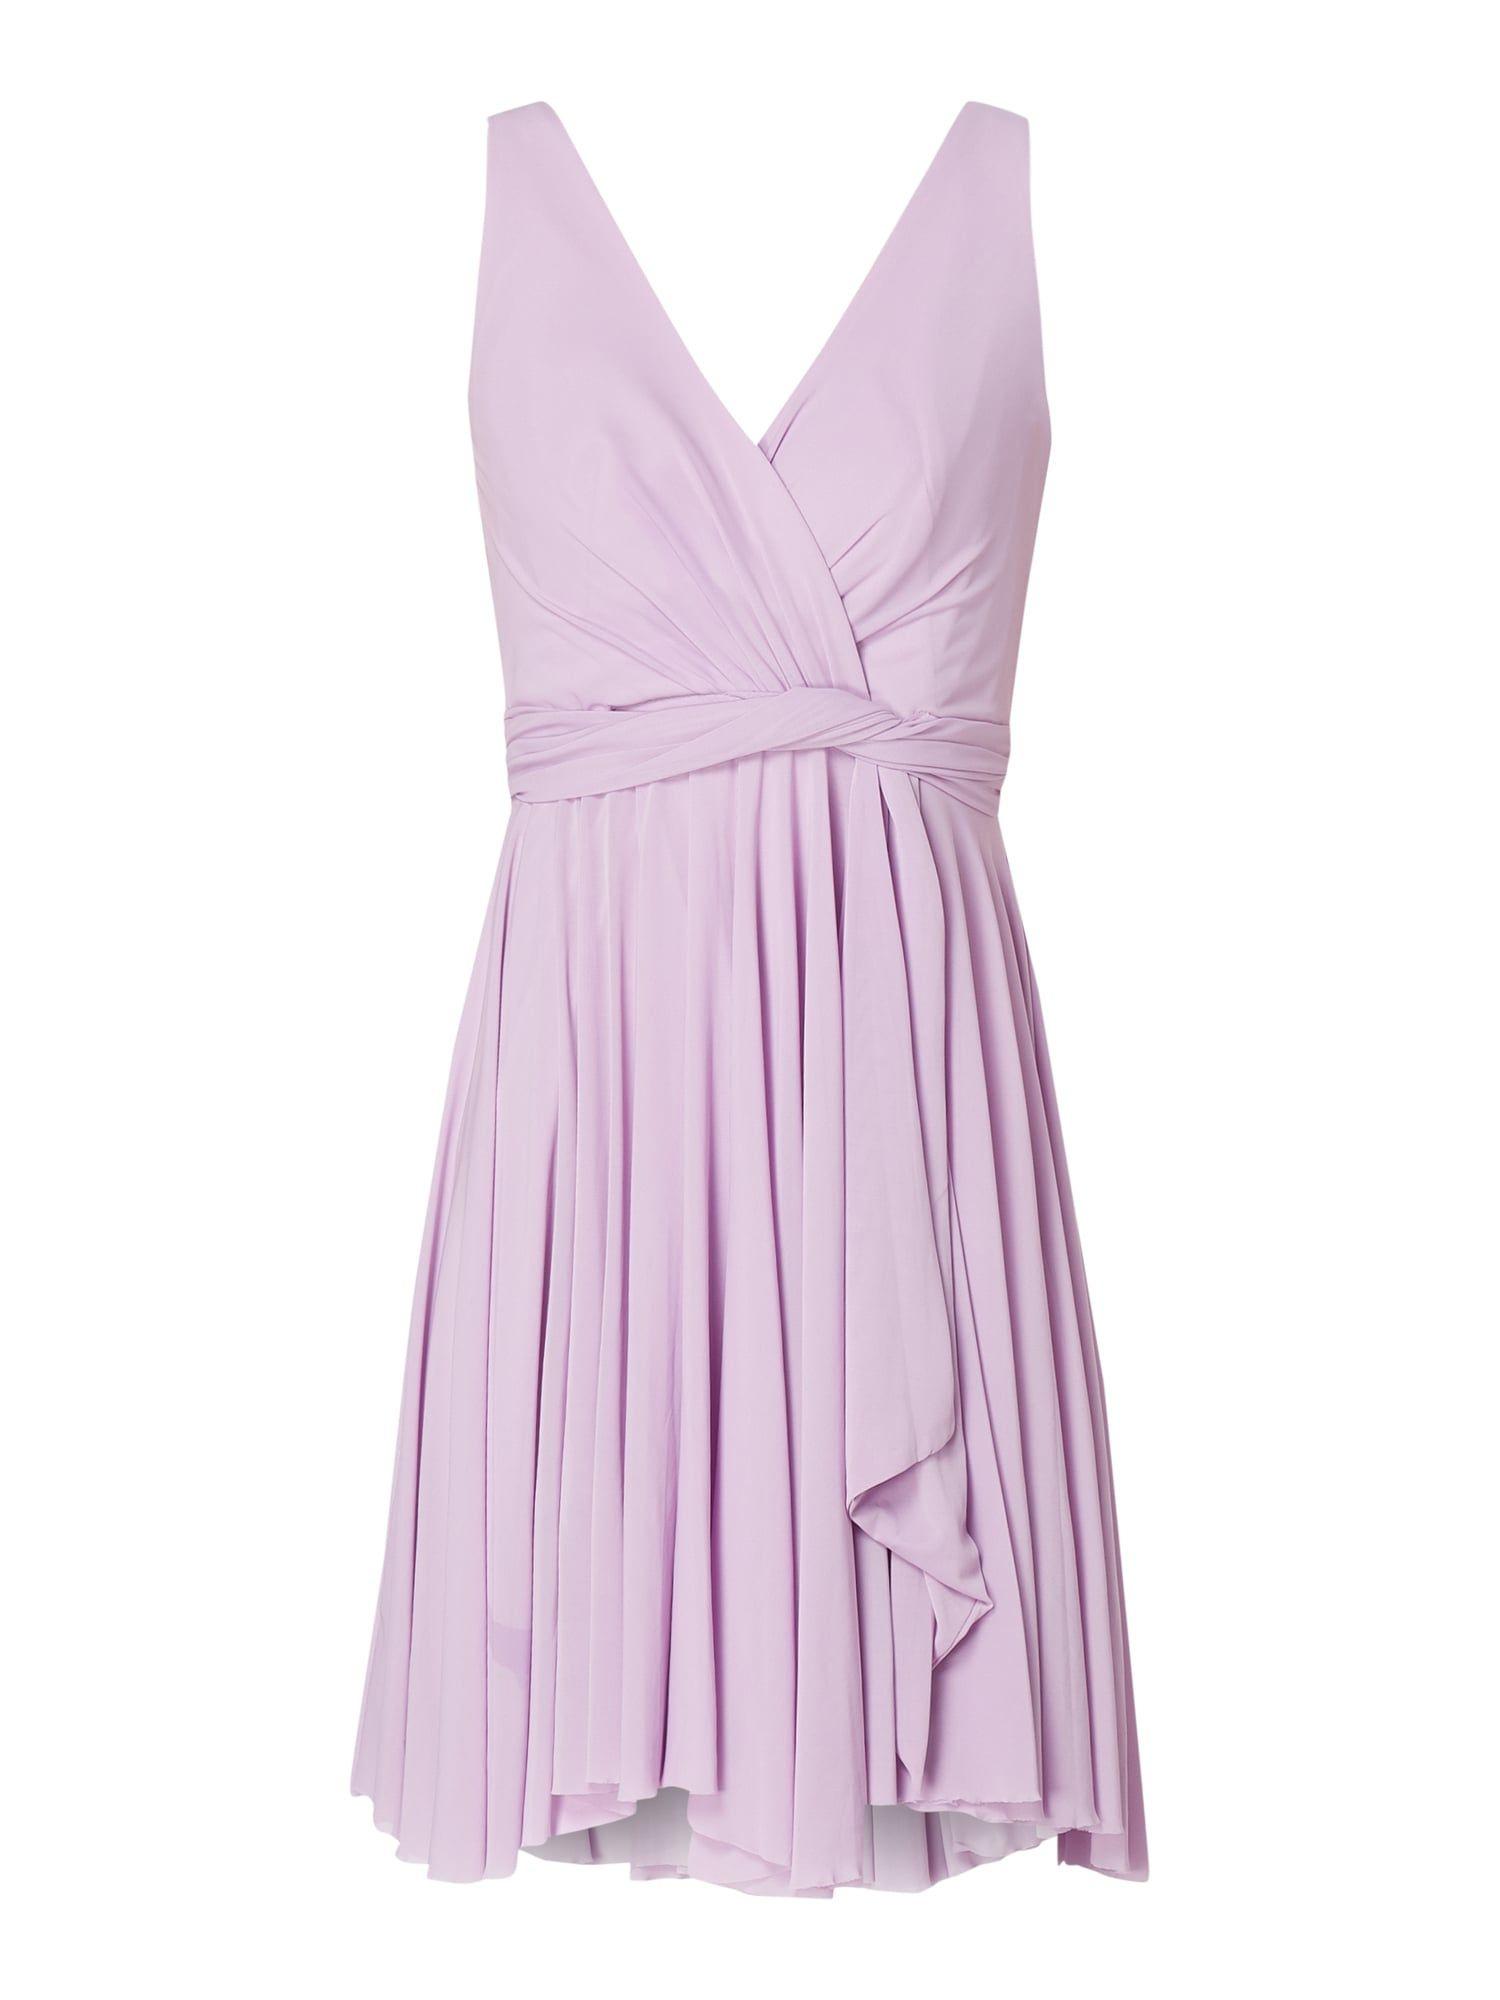 10 Genial Troyden Abendkleid ÄrmelDesigner Ausgezeichnet Troyden Abendkleid Design